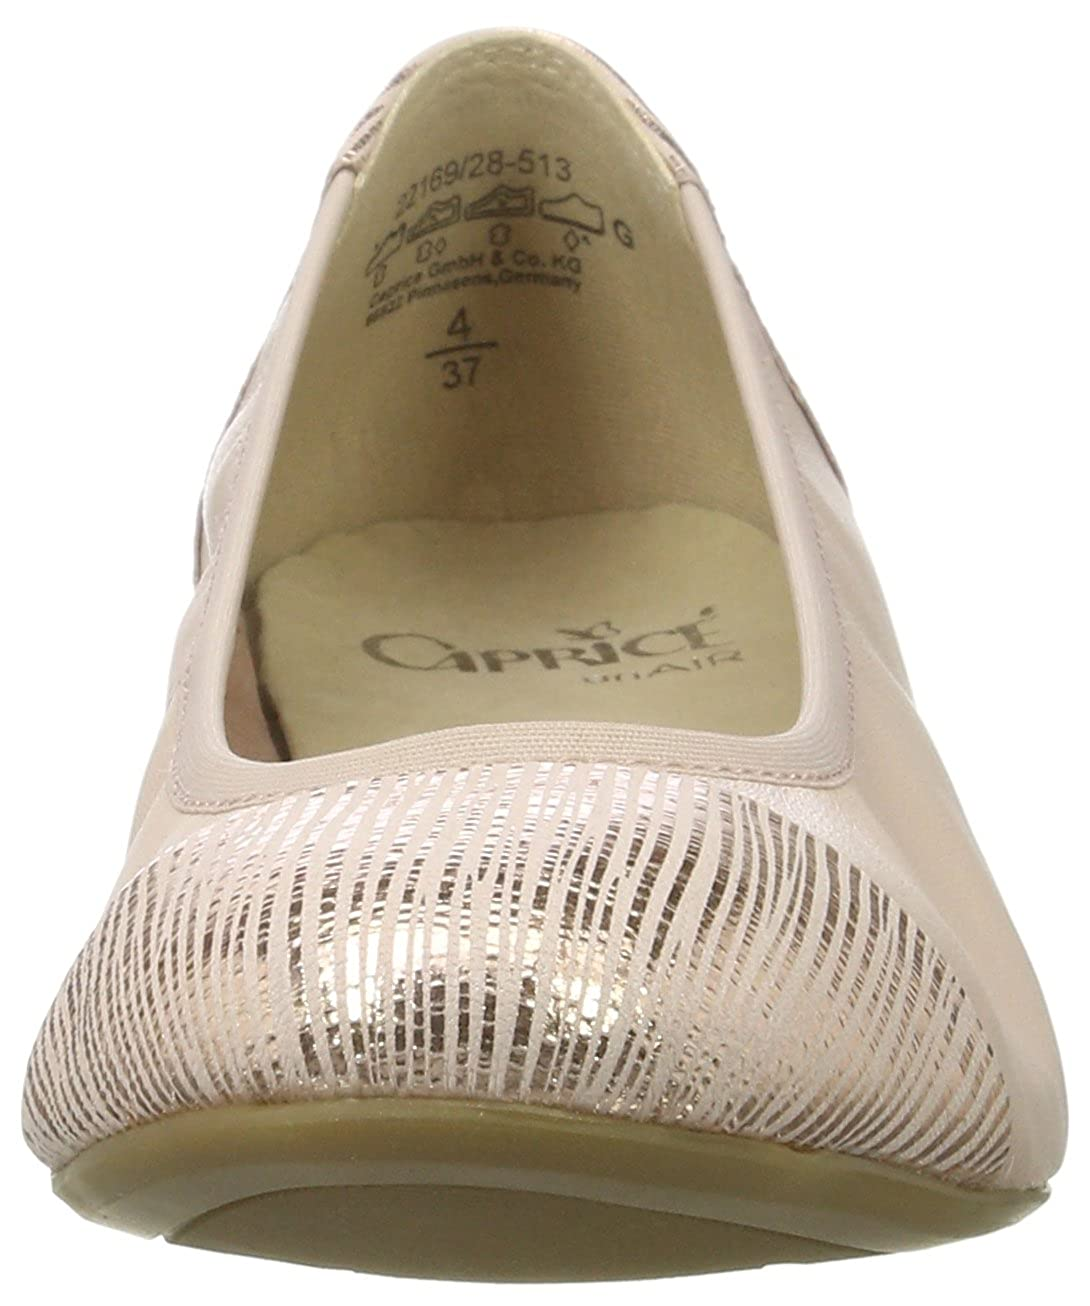 Caprice Damen Ballerinas 22169 Geschlossene Ballerinas Damen e7ad6b